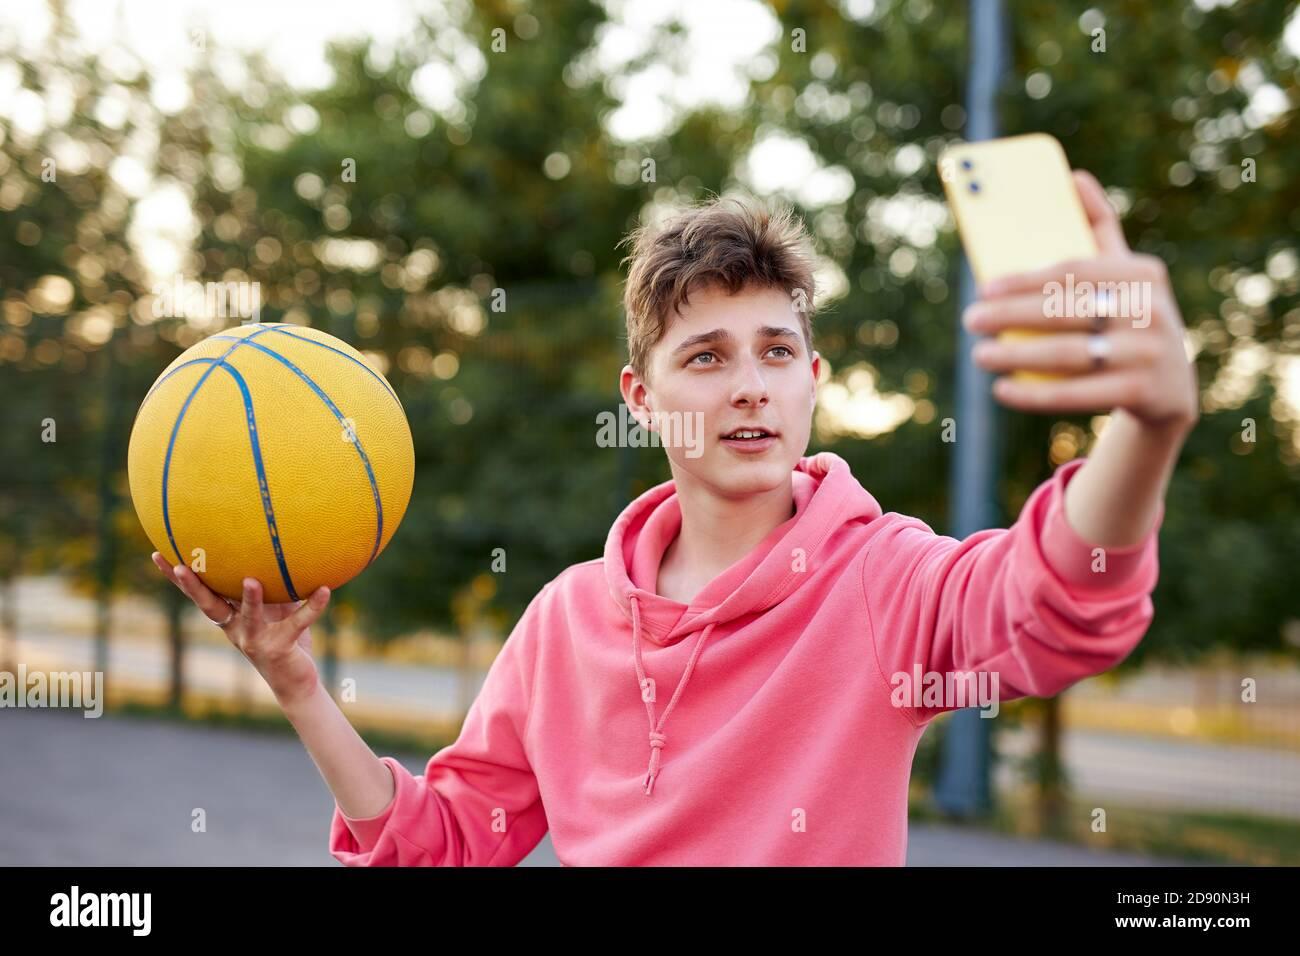 joven basketballer caucásico tomar una foto de sí mismo con pelota, chico atlético mirar smartphone, posando Foto de stock